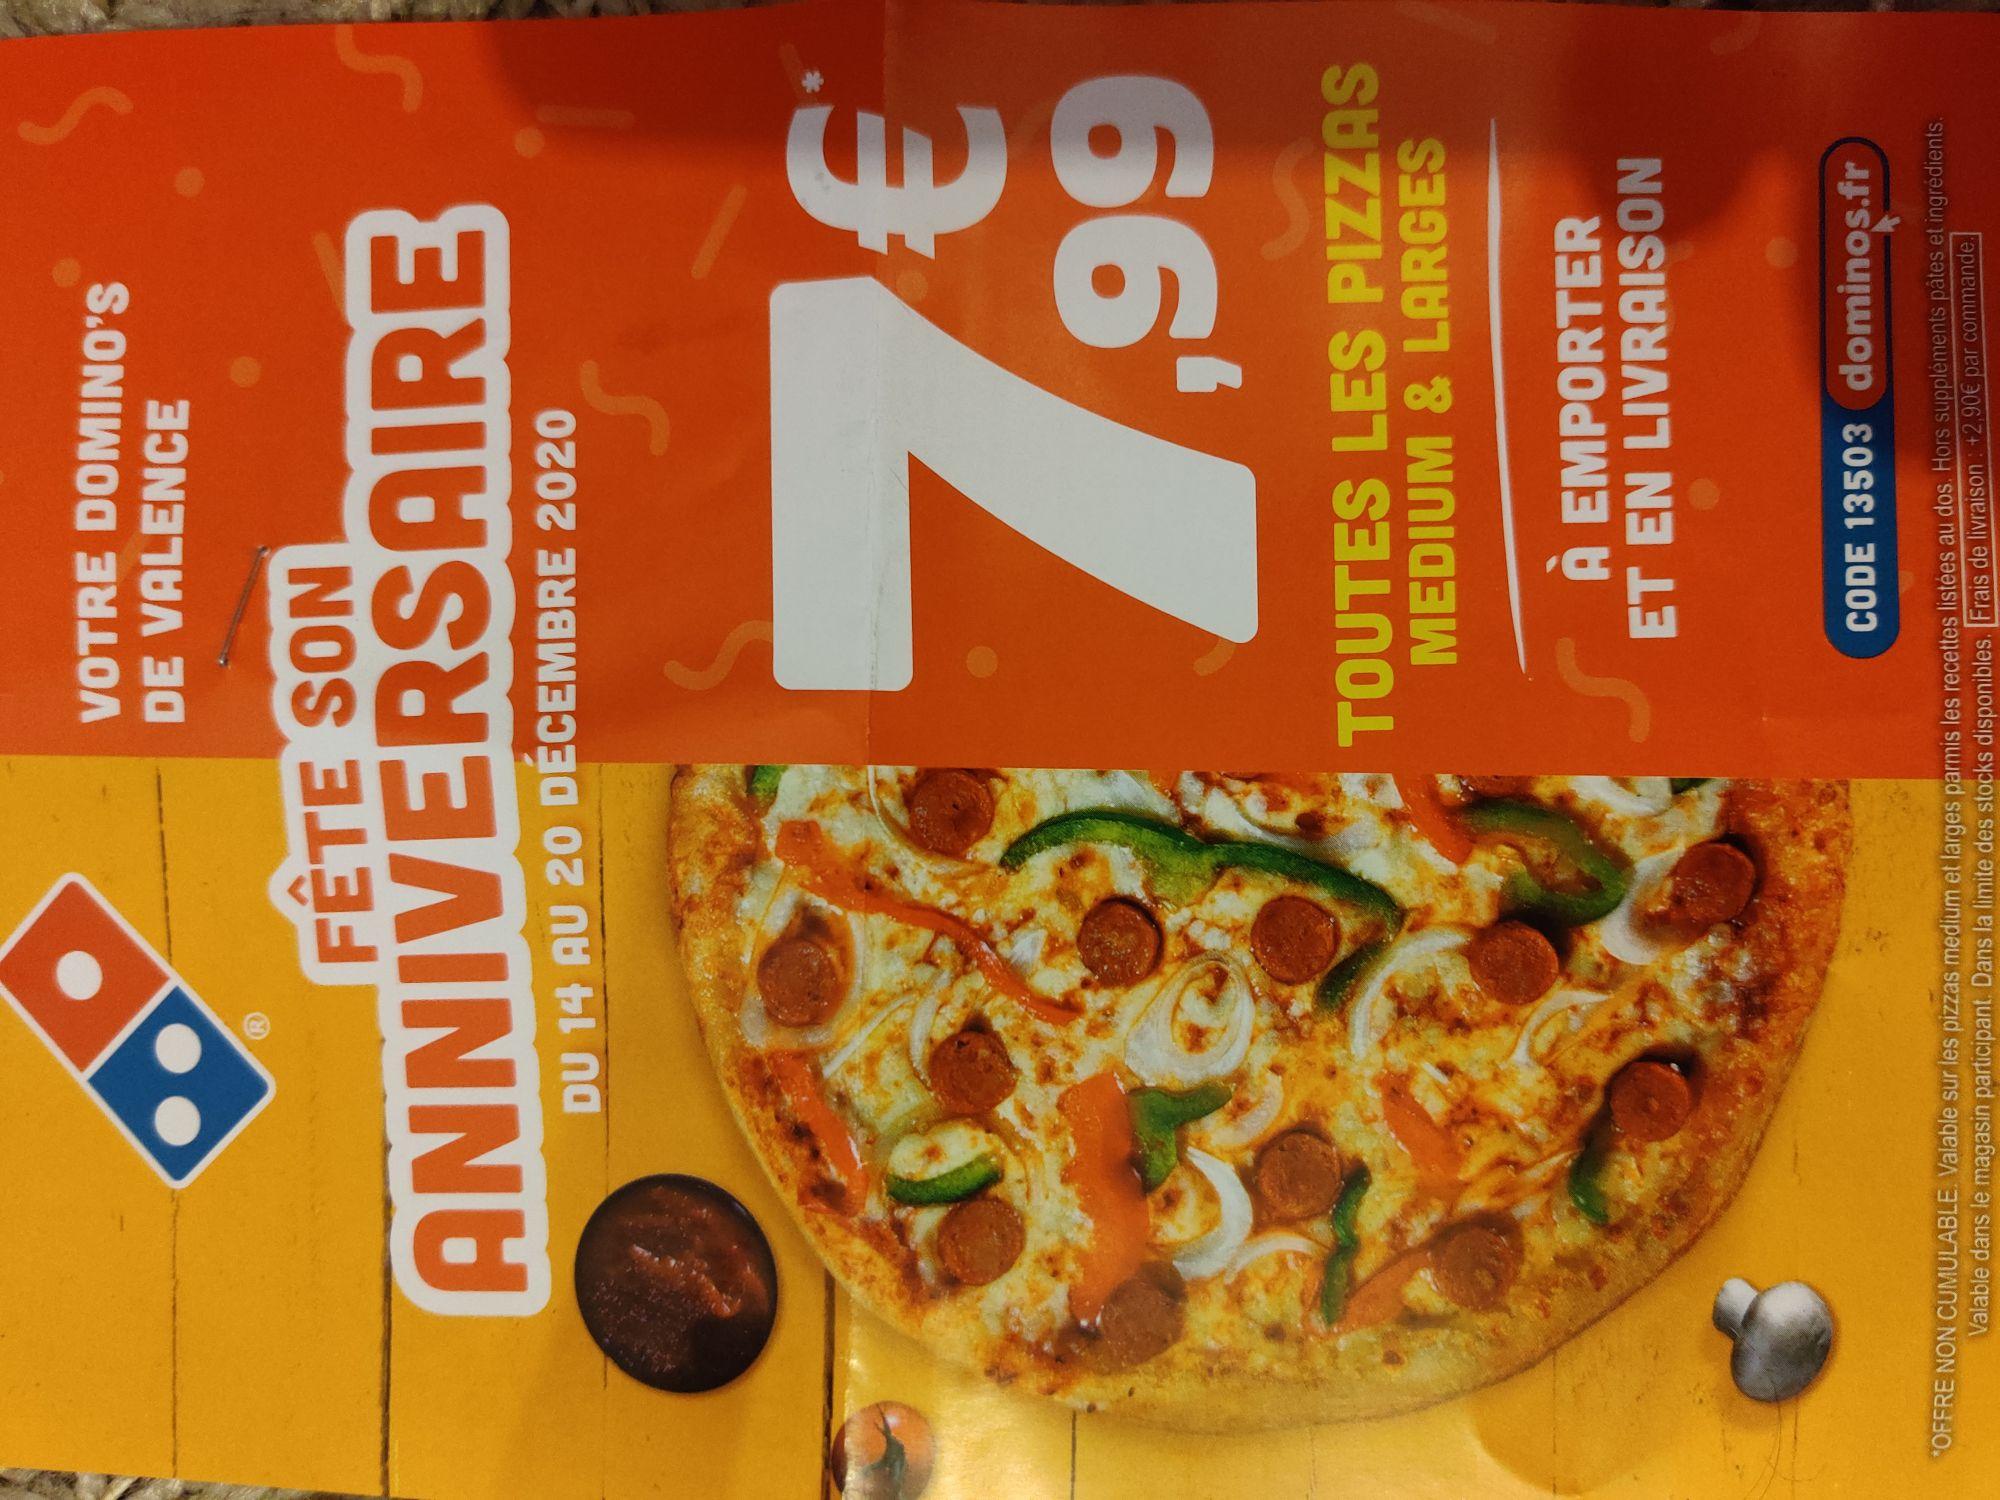 Toutes les pizzas Medium et Large à 7.99€ (26)